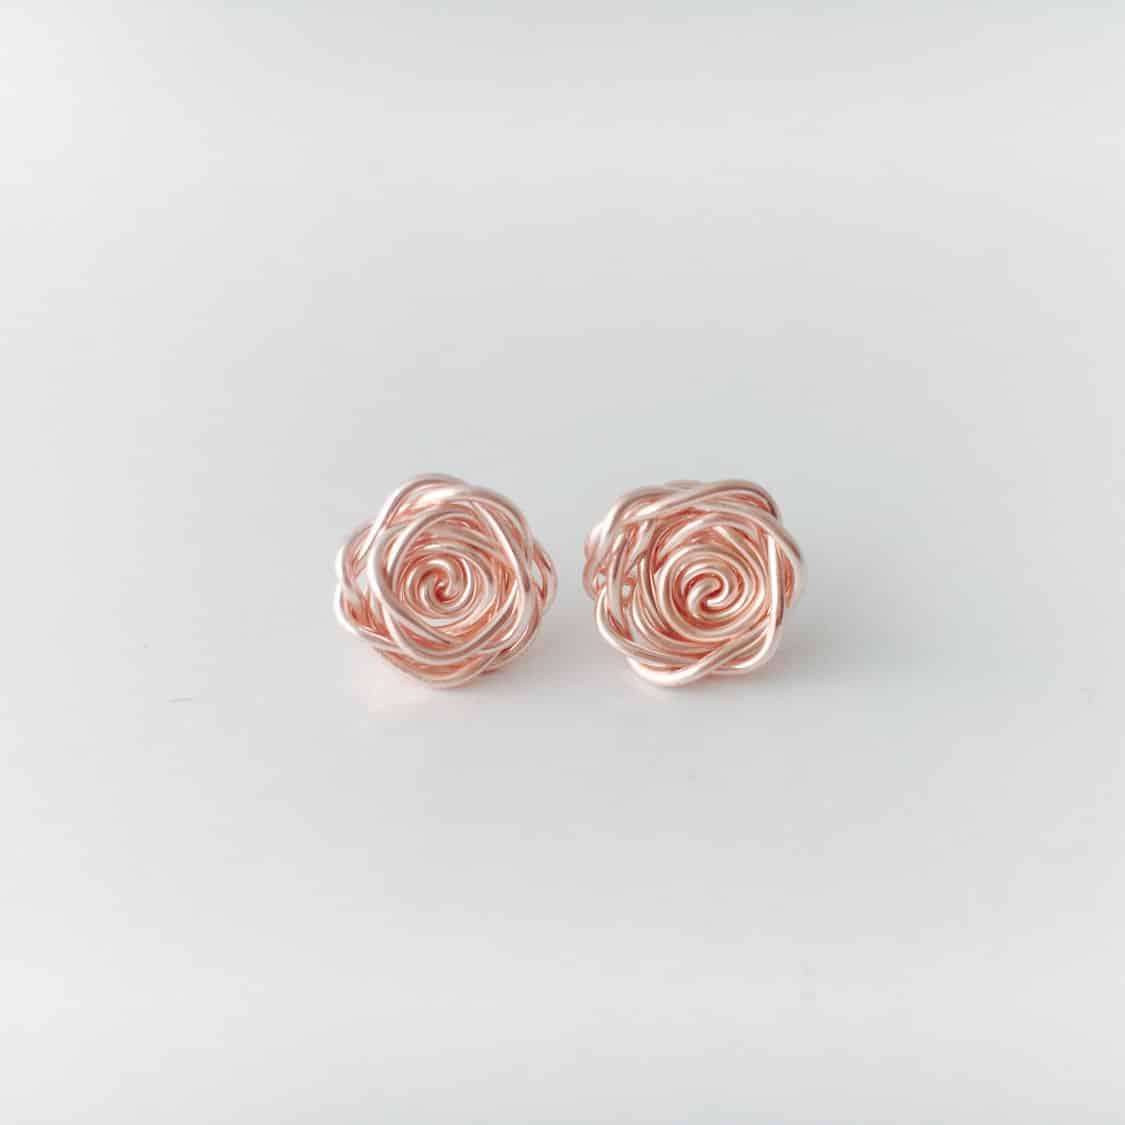 rose gold rose earrings